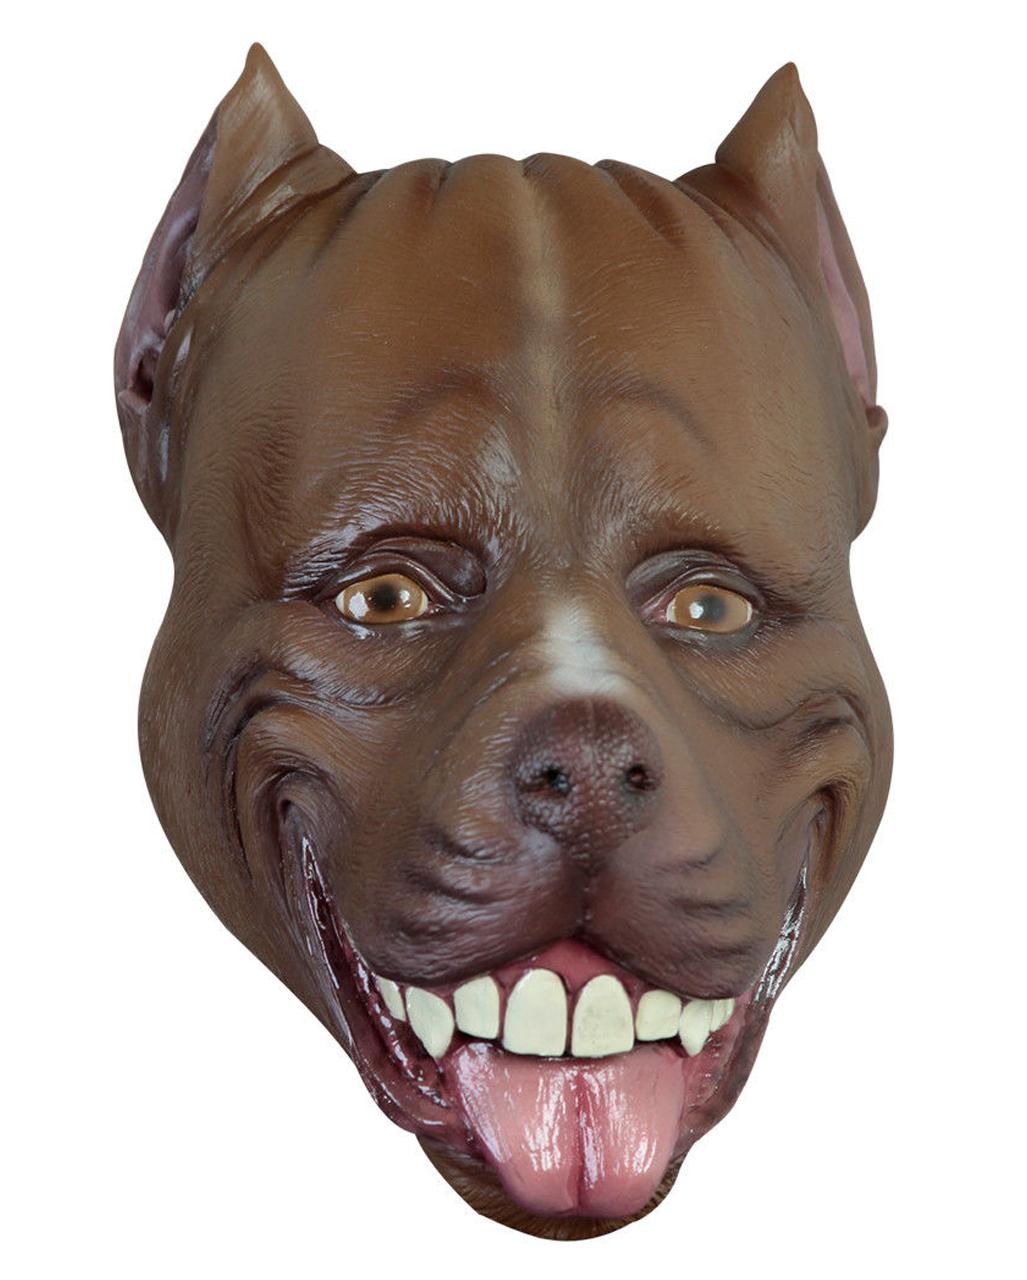 harmonische Farben 2019 Neupreis reich und großartig Braune Pitbull Latex Maske